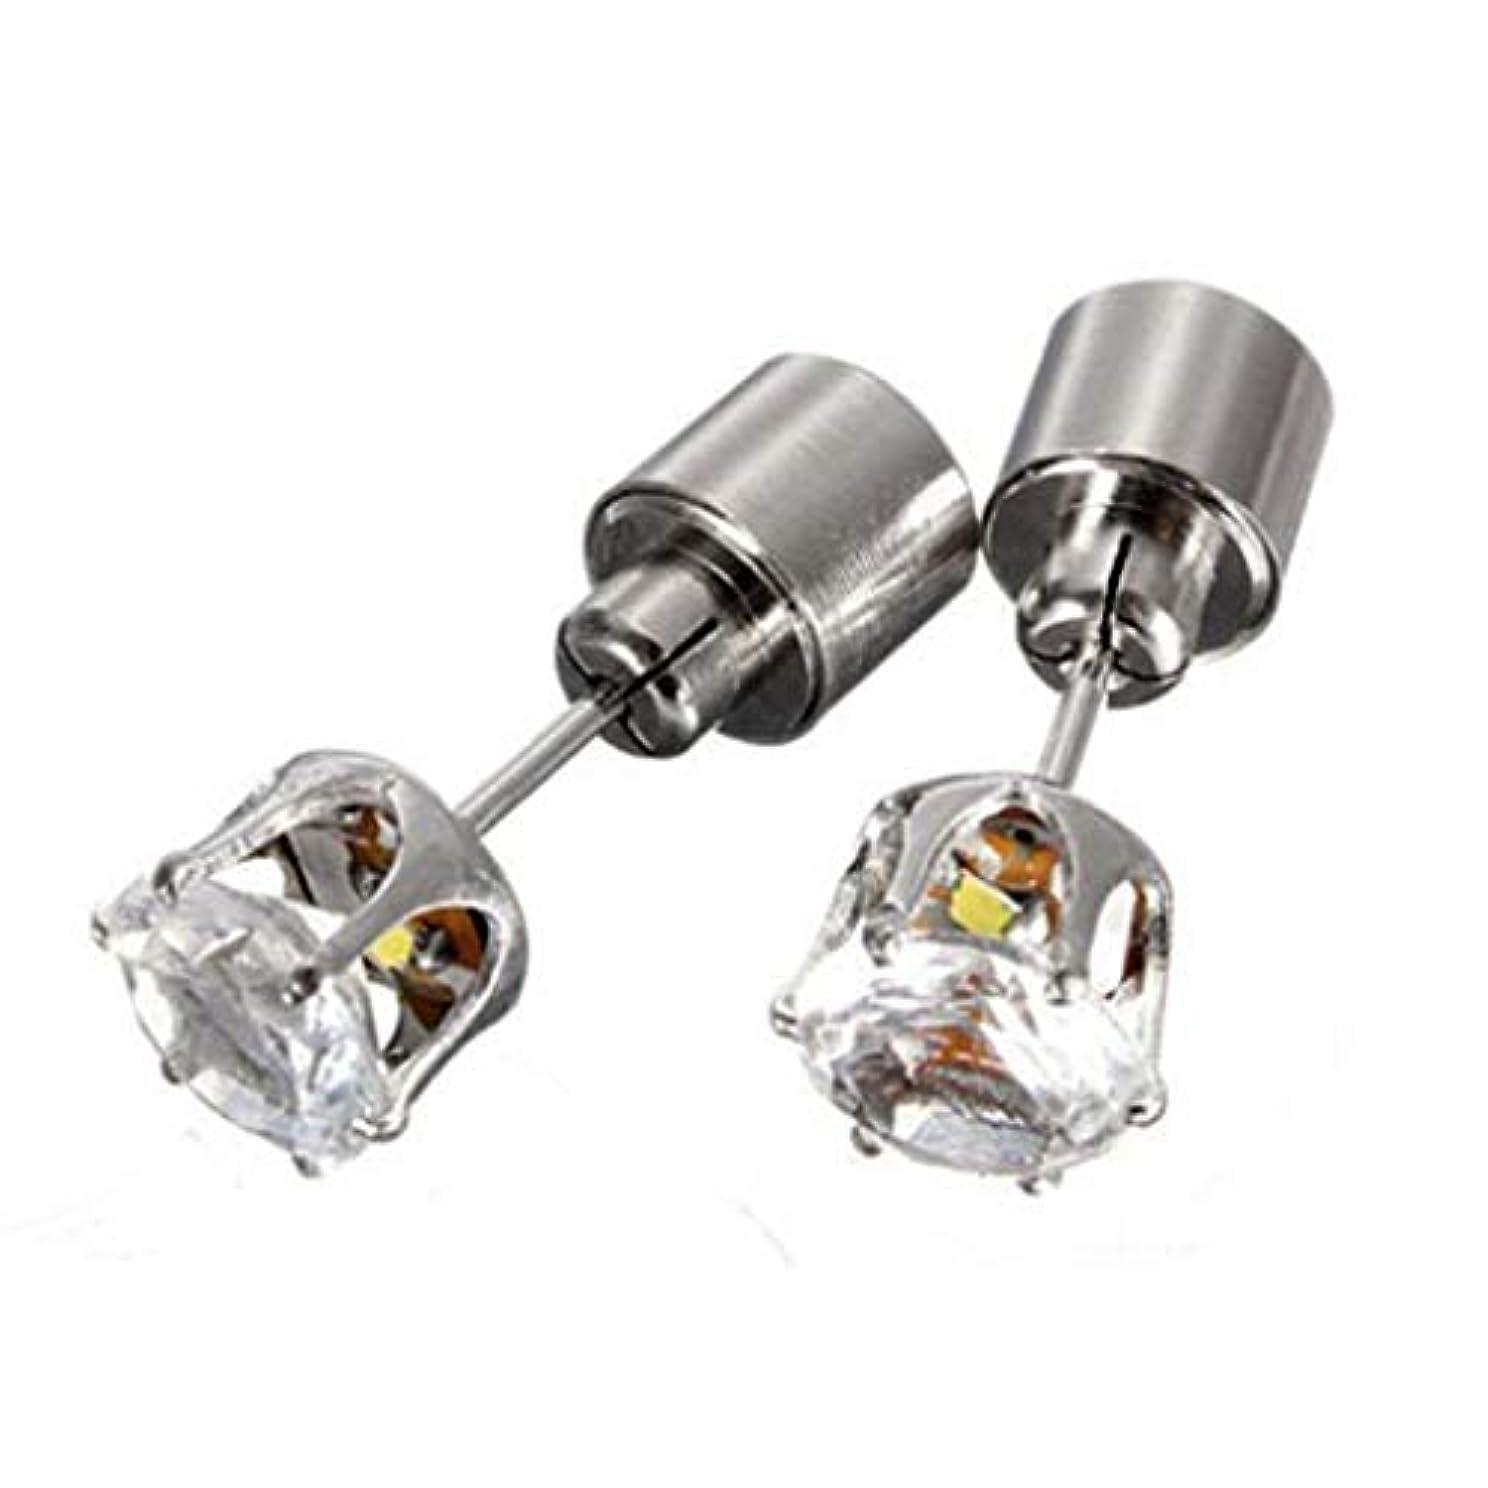 なだめるエロチックシリアルOSMNICE LEDイヤリングスタッド輝く点滅ステンレス鋼イヤリングスタッド ファッションスタッドピアス敏感な耳のための低刺激性